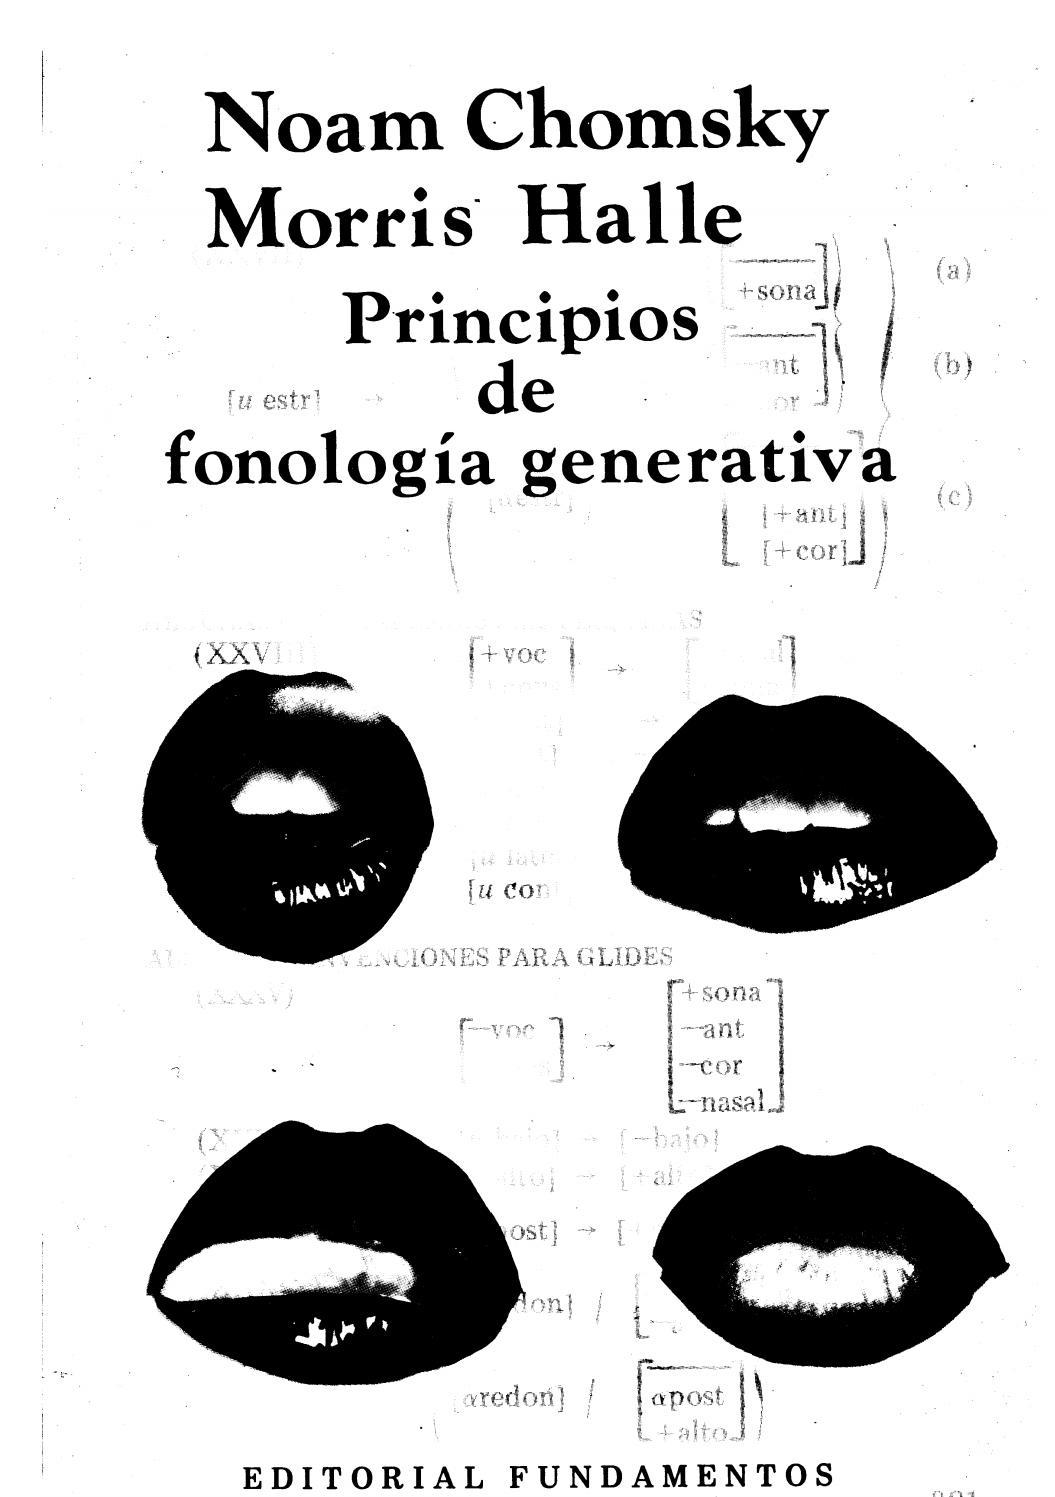 CHOMSKY Pincipios de fonologia generativa linguistica